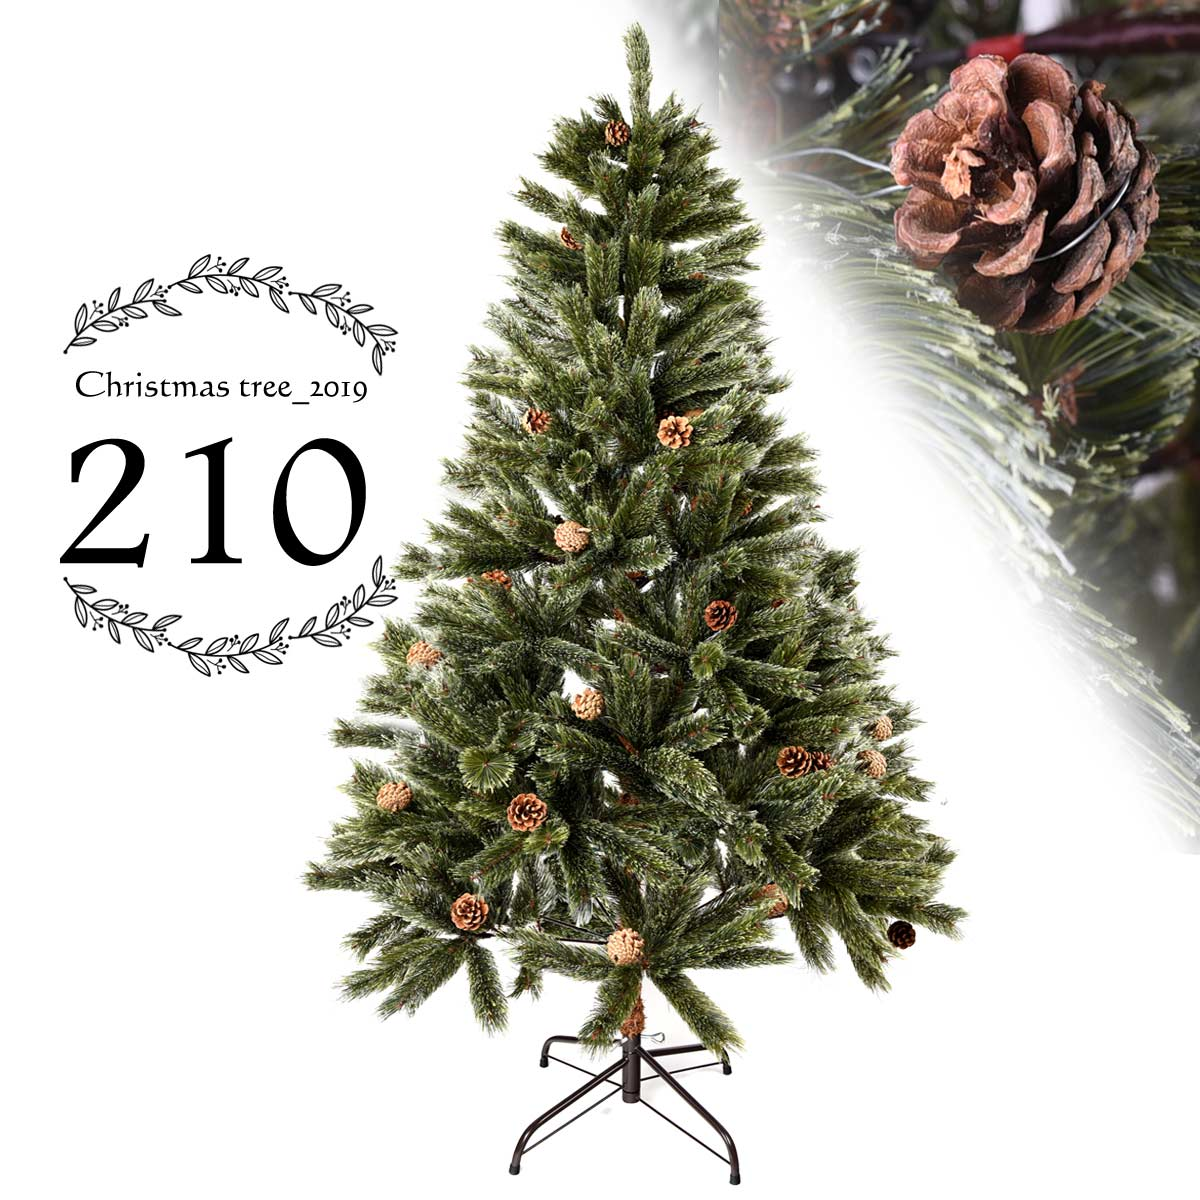 クリスマスツリー ドイツトウヒ ヌードツリー 210cm クリスマス ツリー スリム 北欧 もみの木 おしゃれ ヒンジ式 緑 deal cm19b